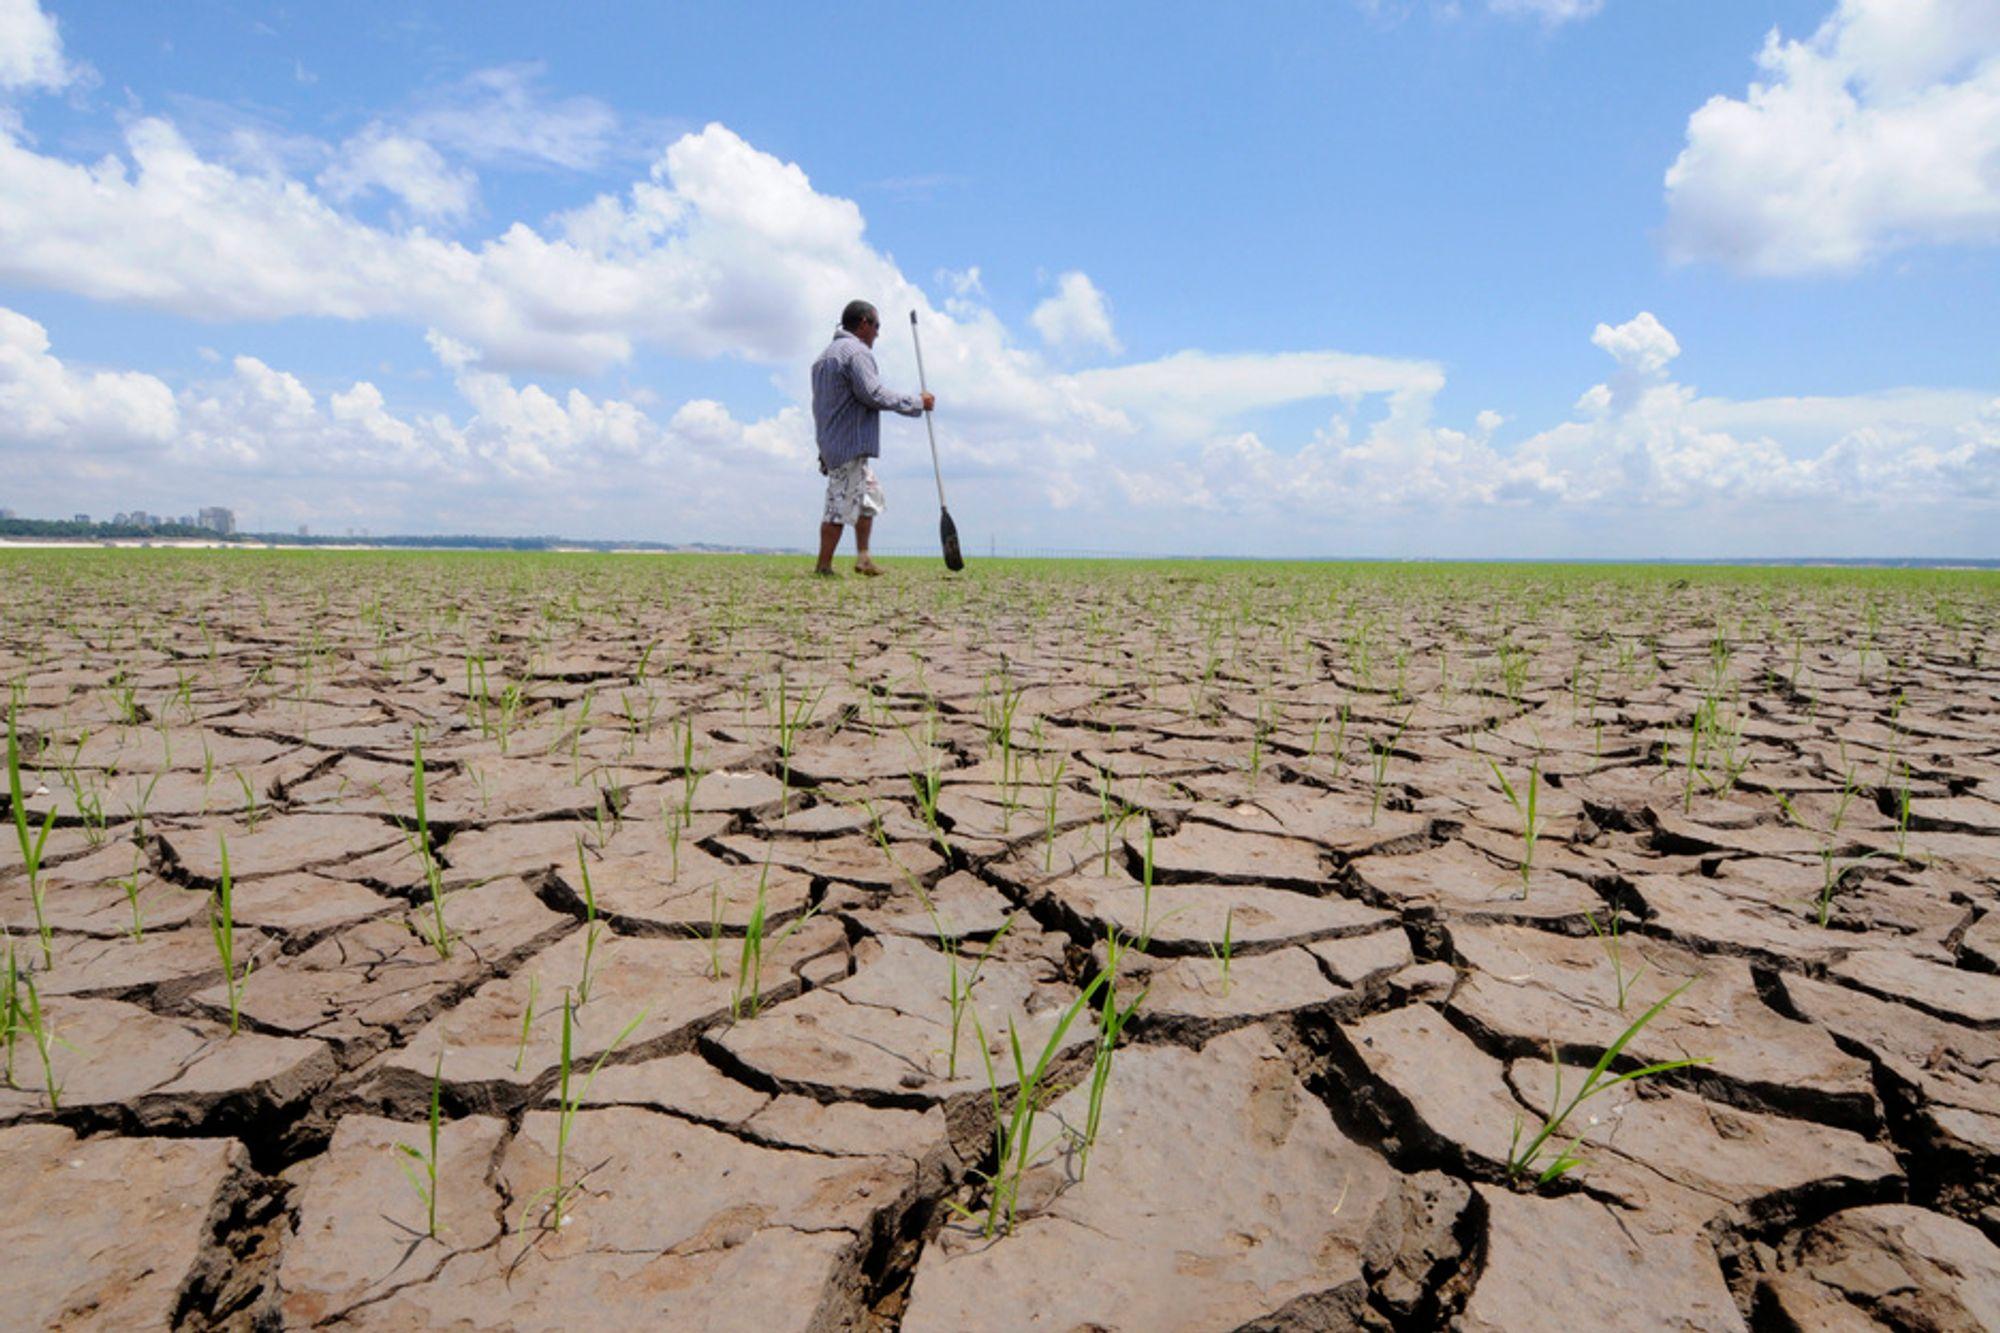 INNTØRKEDE ELVER: En mann krysser en uttørket sideelv til Amazonas i Brasil. Uvanlig tørke har ført til at vannstandene i elvene i området er rekordlave. Samtidig viser temperaturmålinger over hele verden at 2010 så langt er et av de varmeste årene siden målingene begynte i 1880.